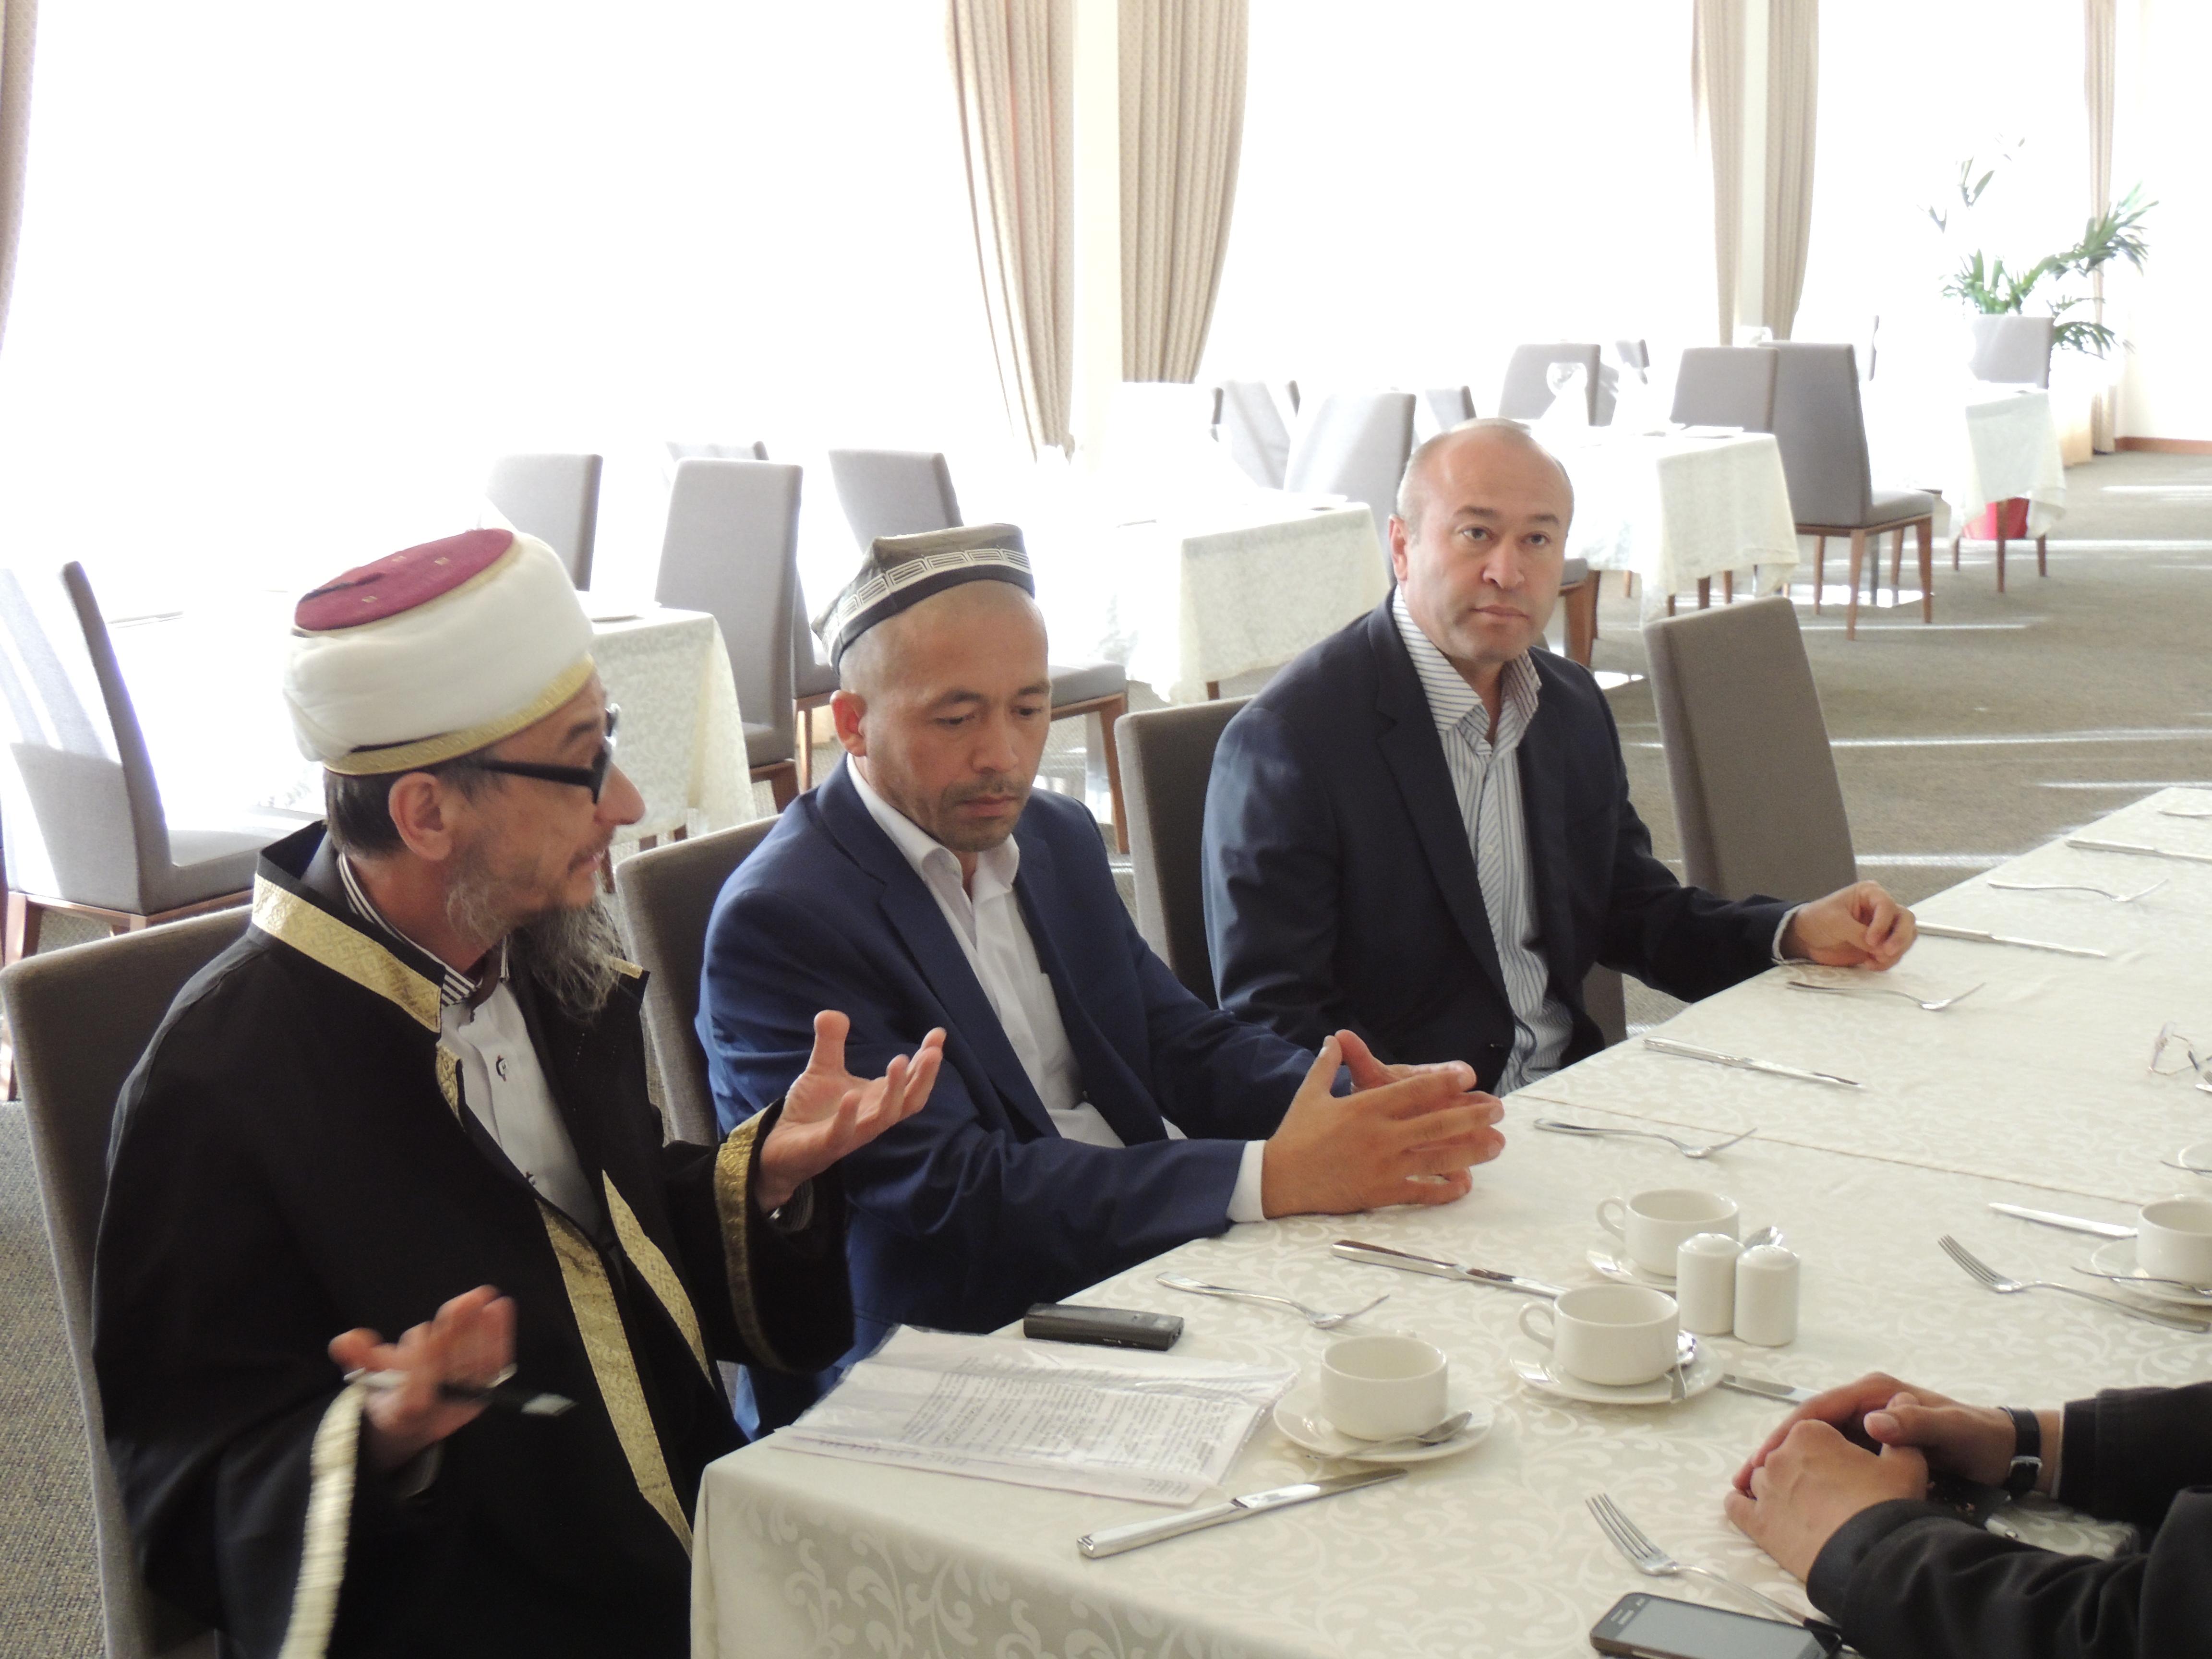 Имамы передали муфтию Абдуль Кудуссу приветствие от муфтия Узбекистана